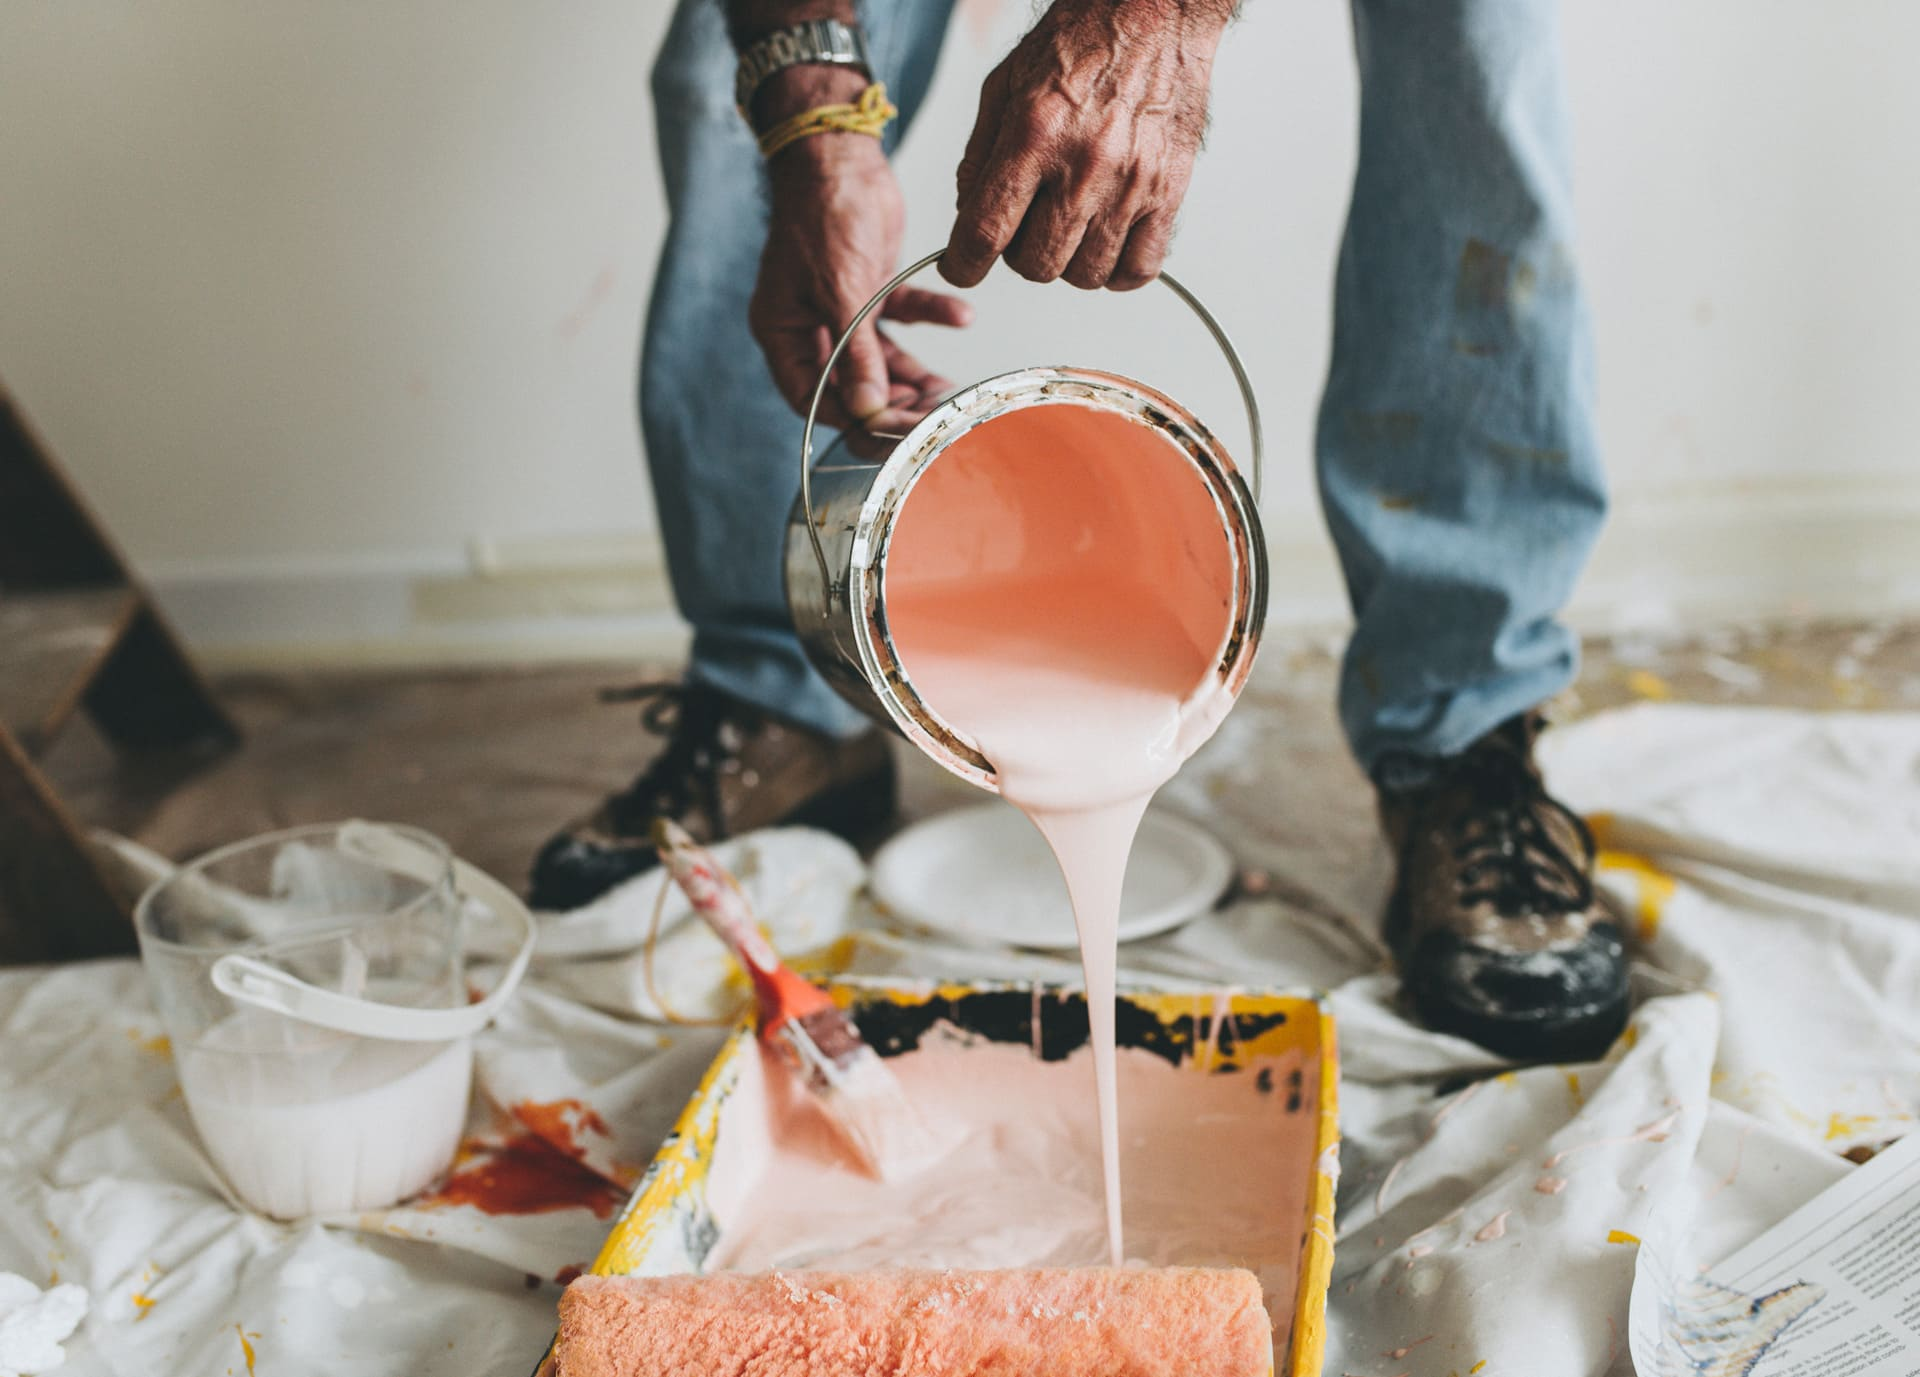 Offres comparatives de peintres régionaux